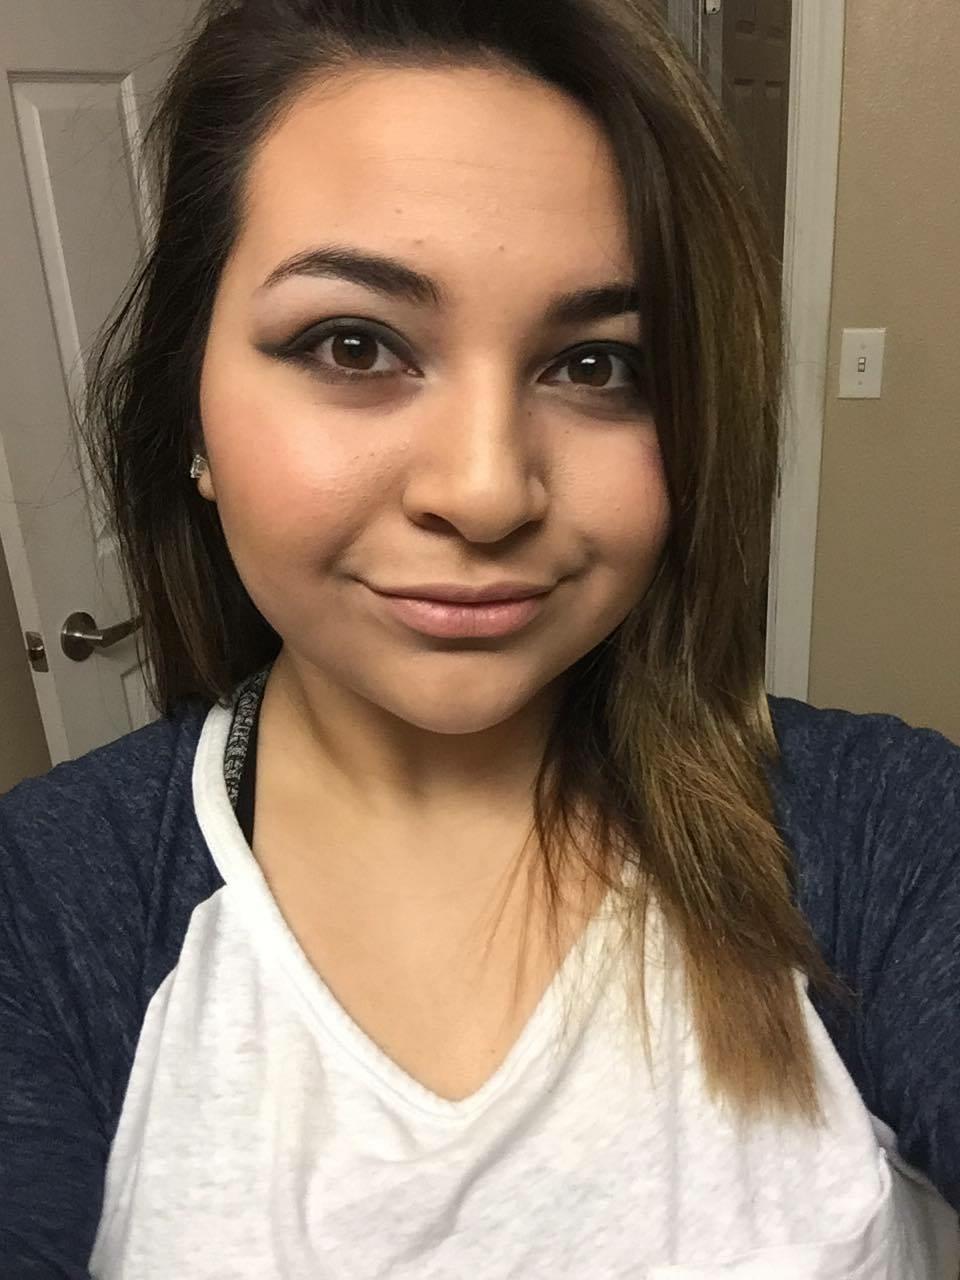 Makeup-School-Online-Students-6.jpeg